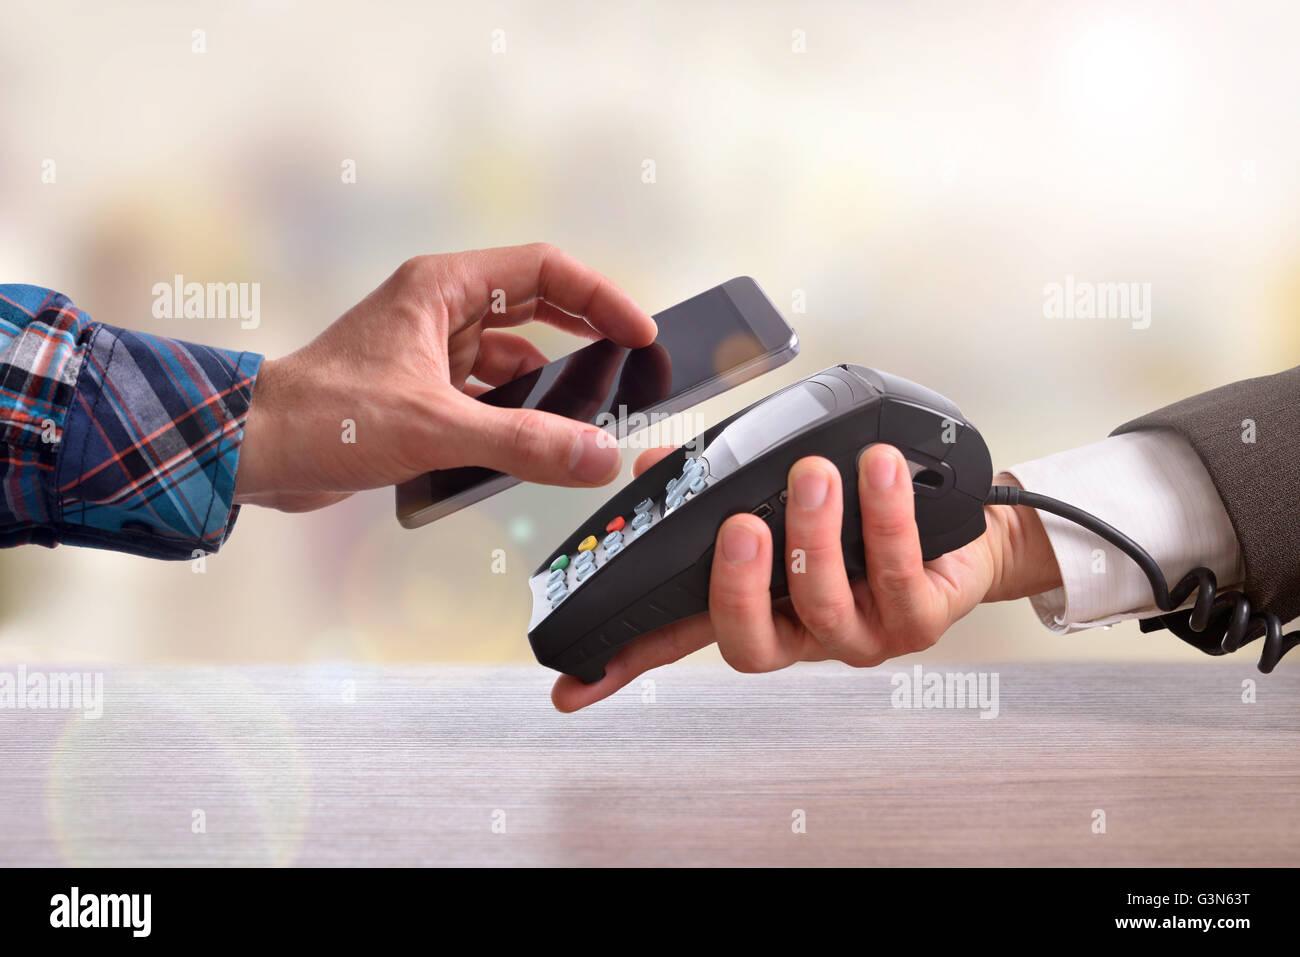 Le client paie un marchand avec téléphone mobile avec la technologie NFC. Vue d'en haut. Composition Photo Stock